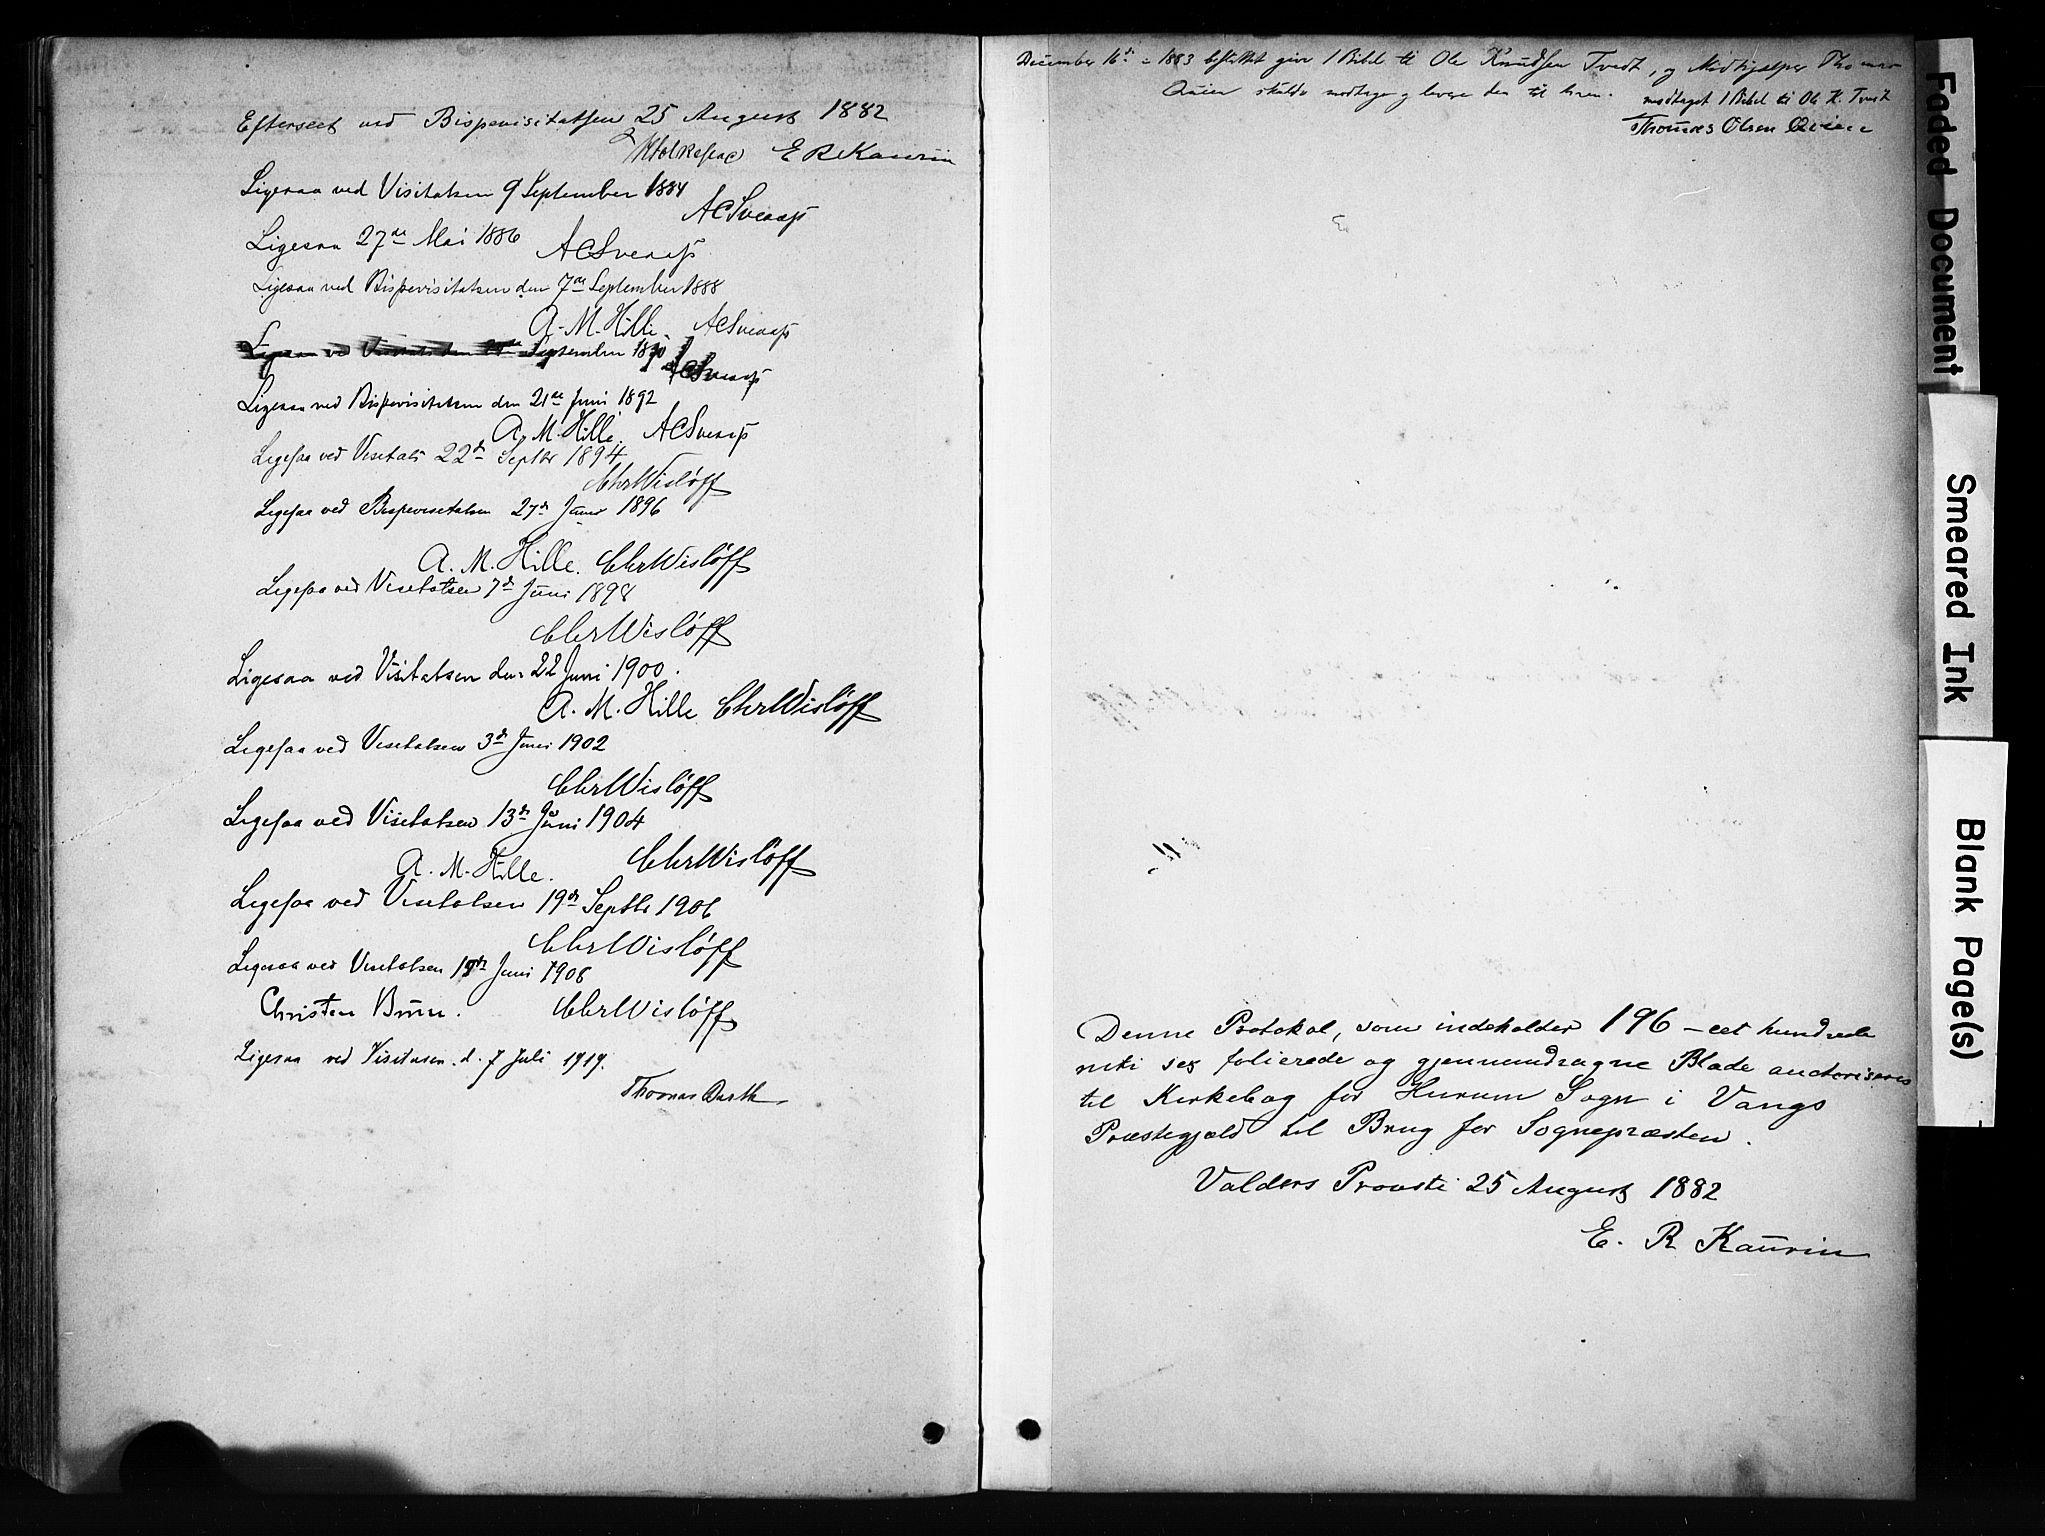 SAH, Vang prestekontor, Valdres, Ministerialbok nr. 9, 1882-1914, s. 186